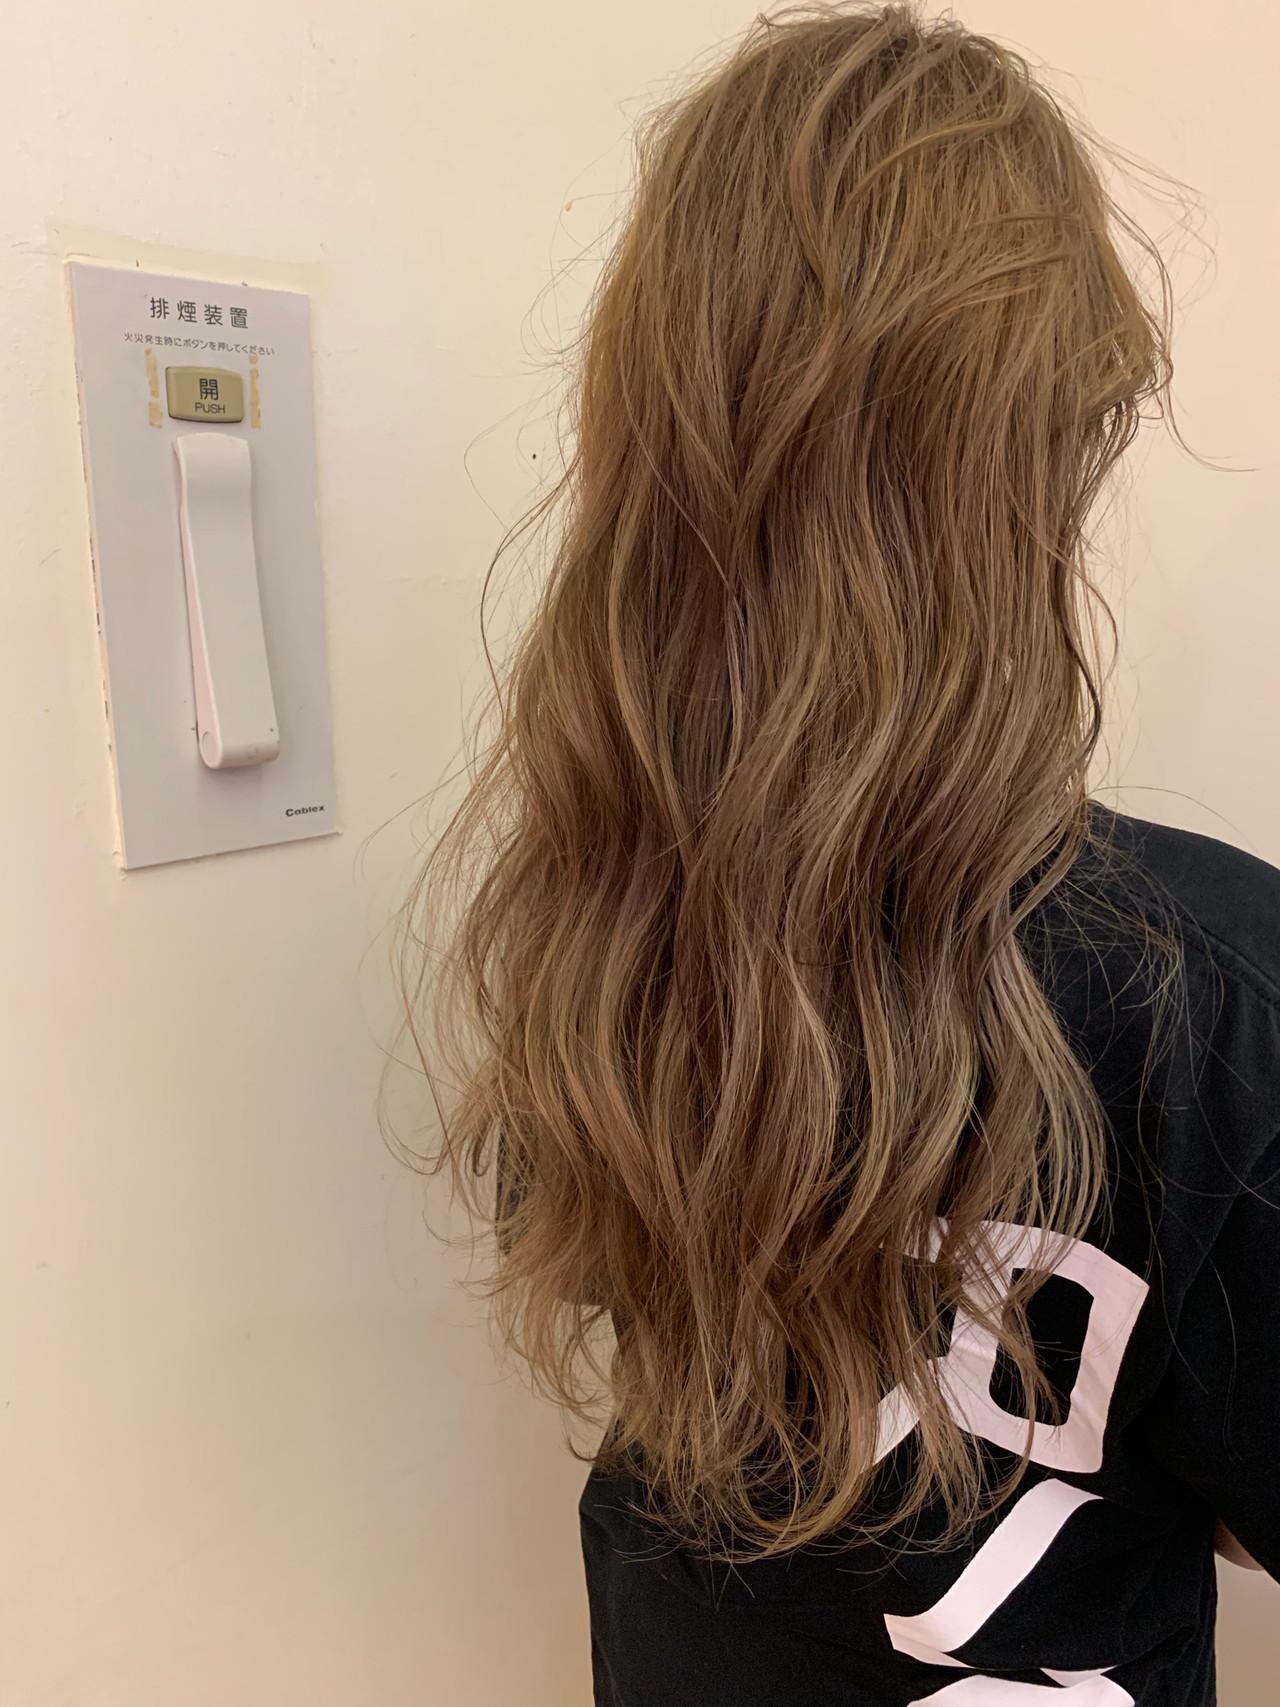 ロング 大人かわいい アンニュイほつれヘア スポーツ ヘアスタイルや髪型の写真・画像 | yumiko/sapporoSKNOW / SKNOW